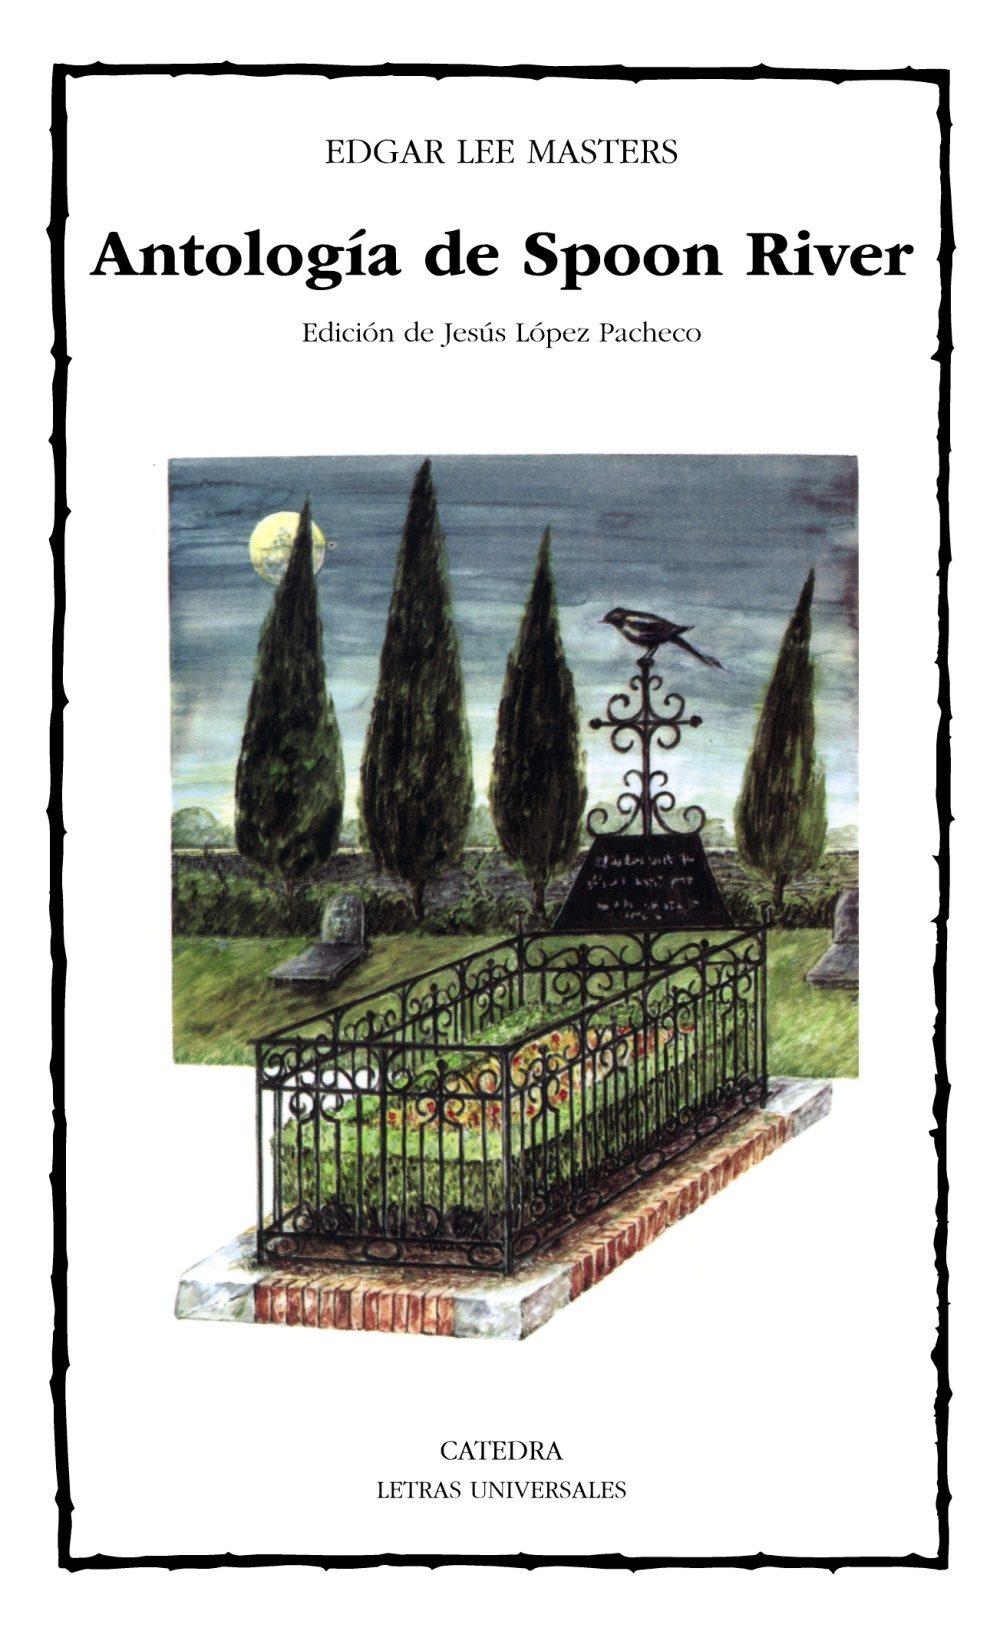 Antologia de spoon river; edgar lee masters